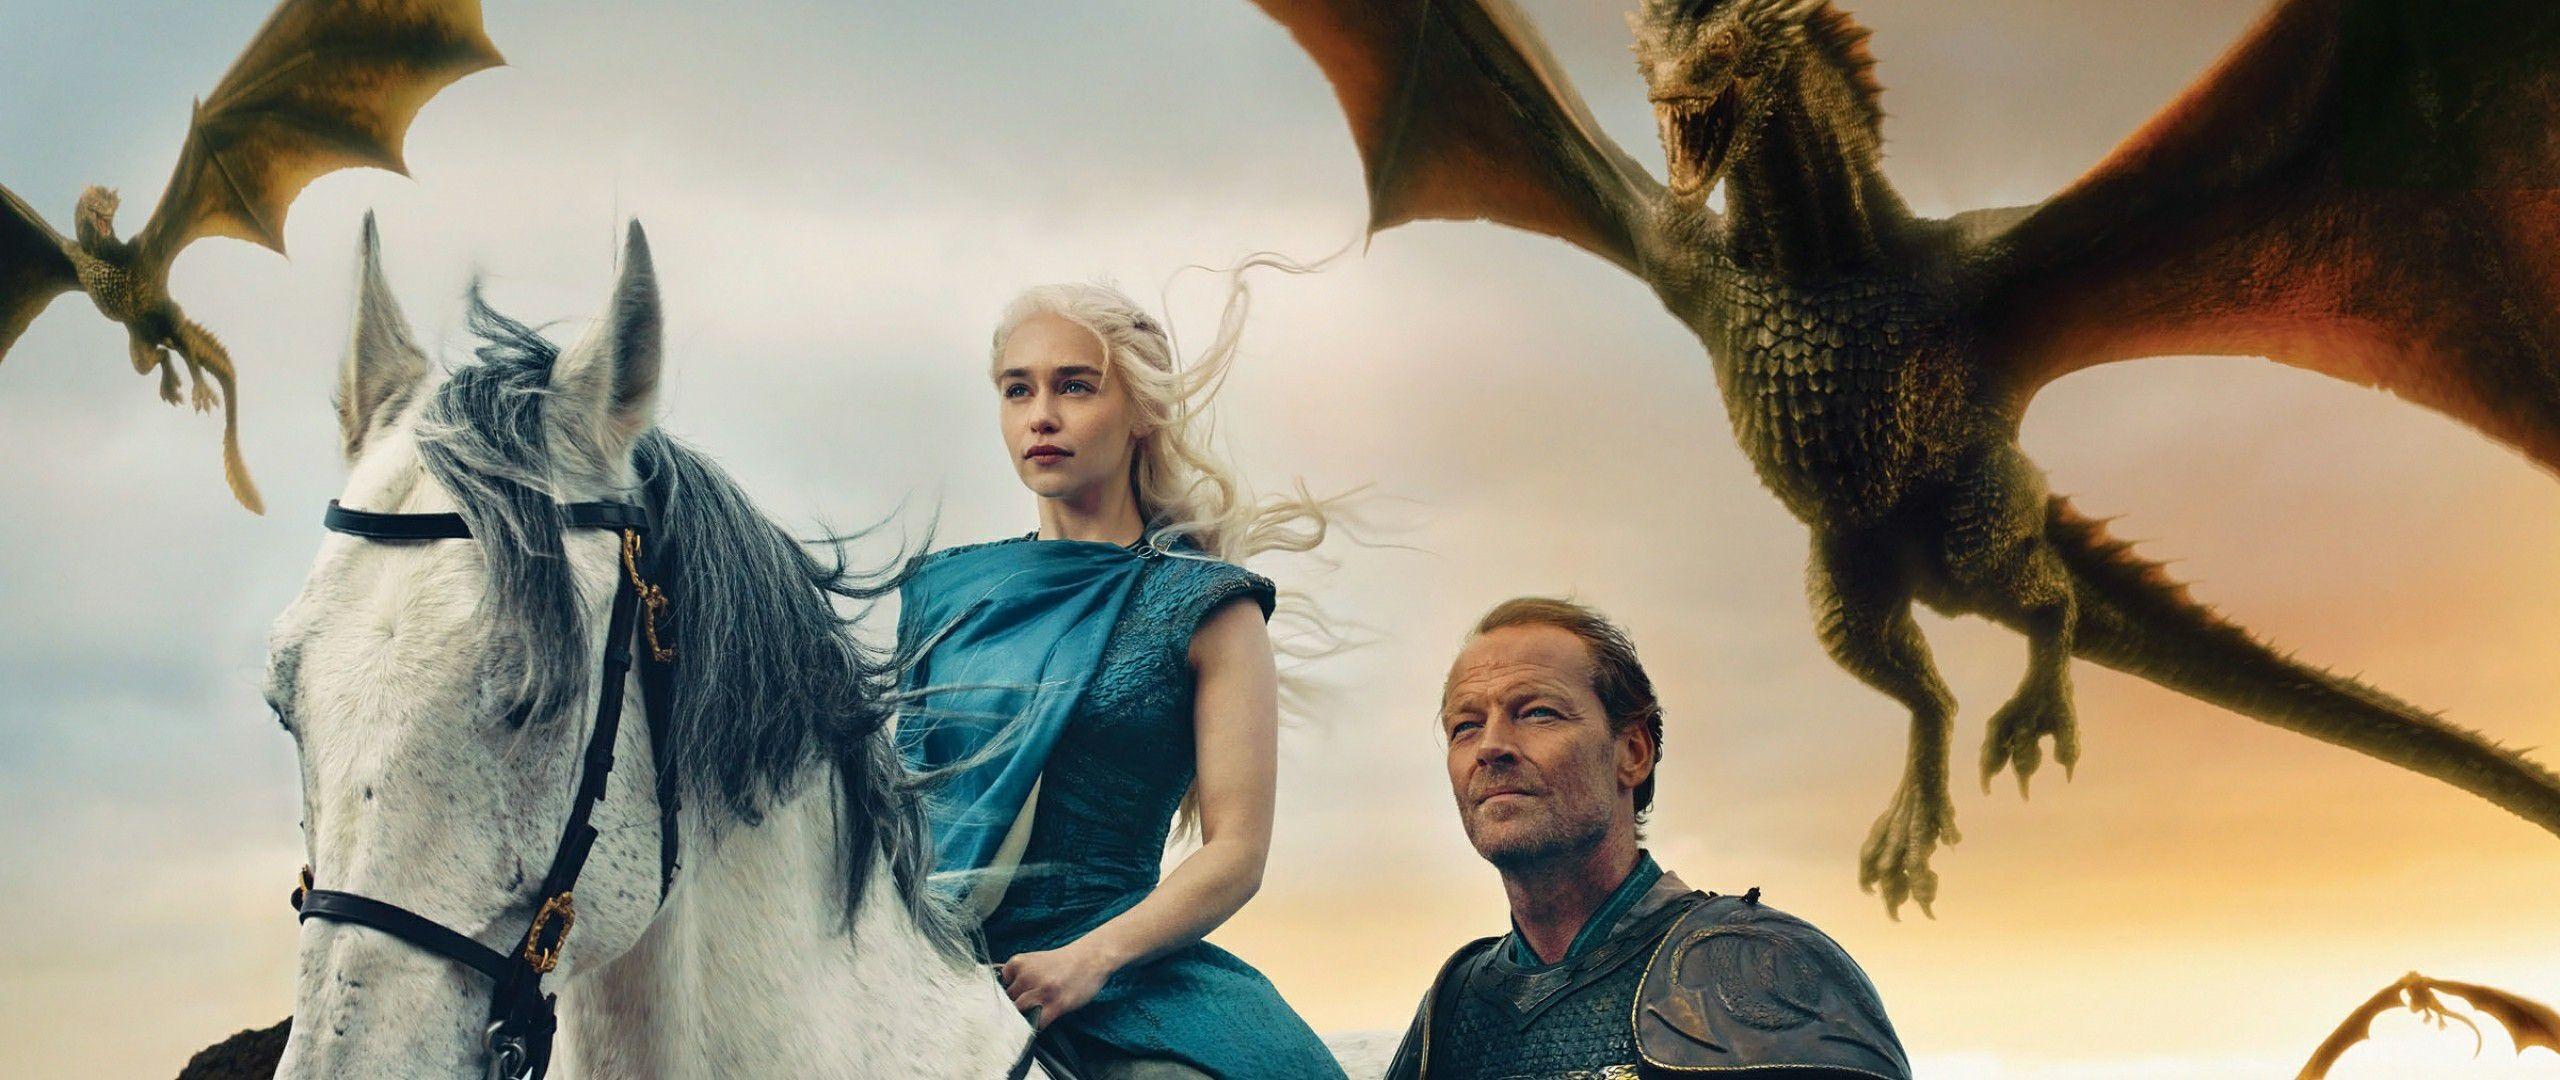 game of thrones season daenerys targaryen and jorah mormont wallpaper